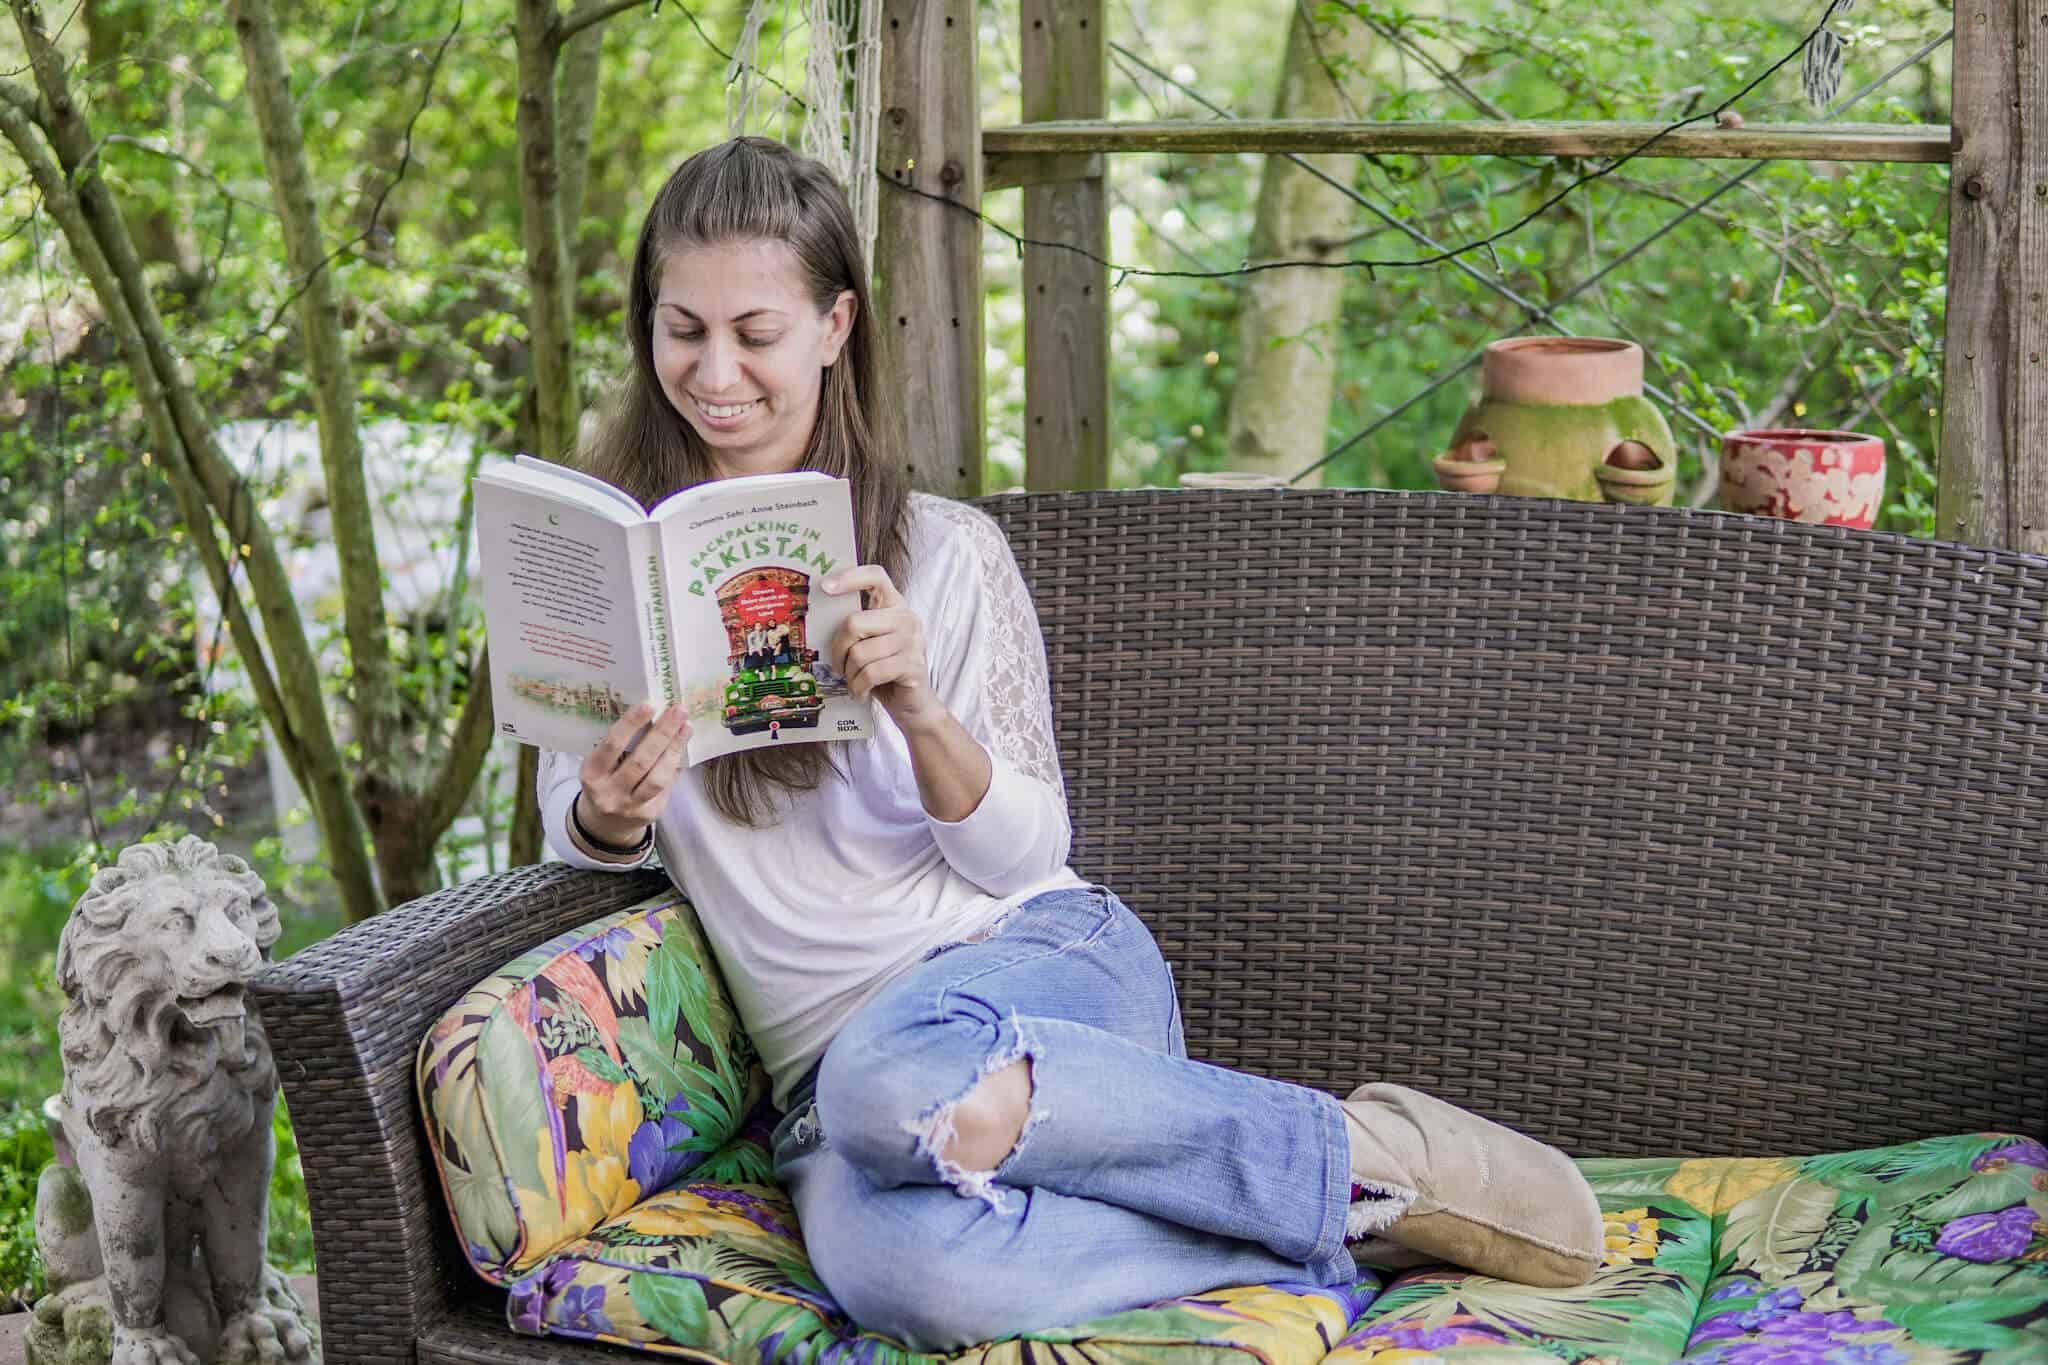 Barbara beim Lesen